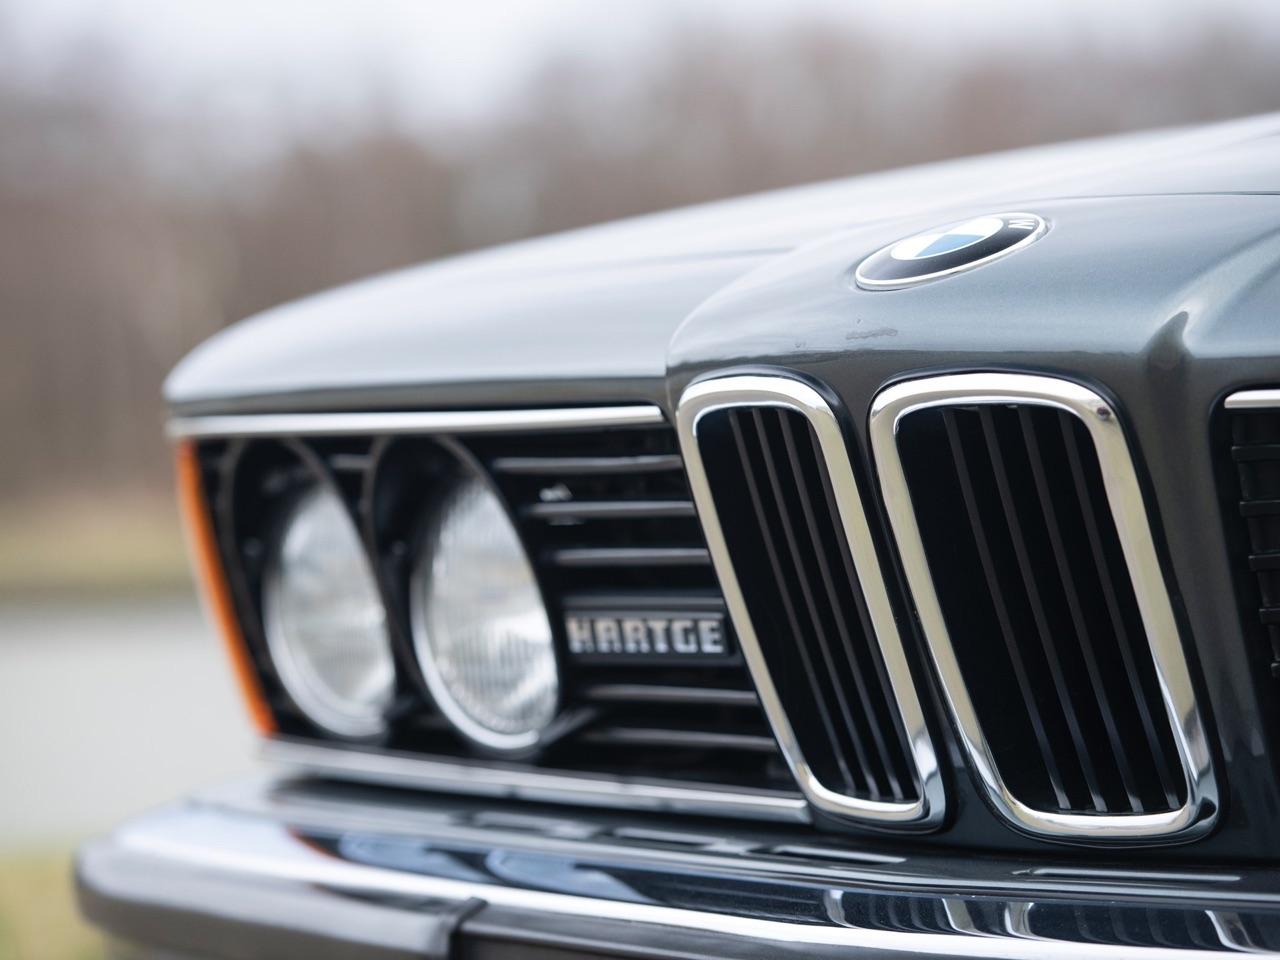 De BMW 635 Csi à Hartge H6 SP 14